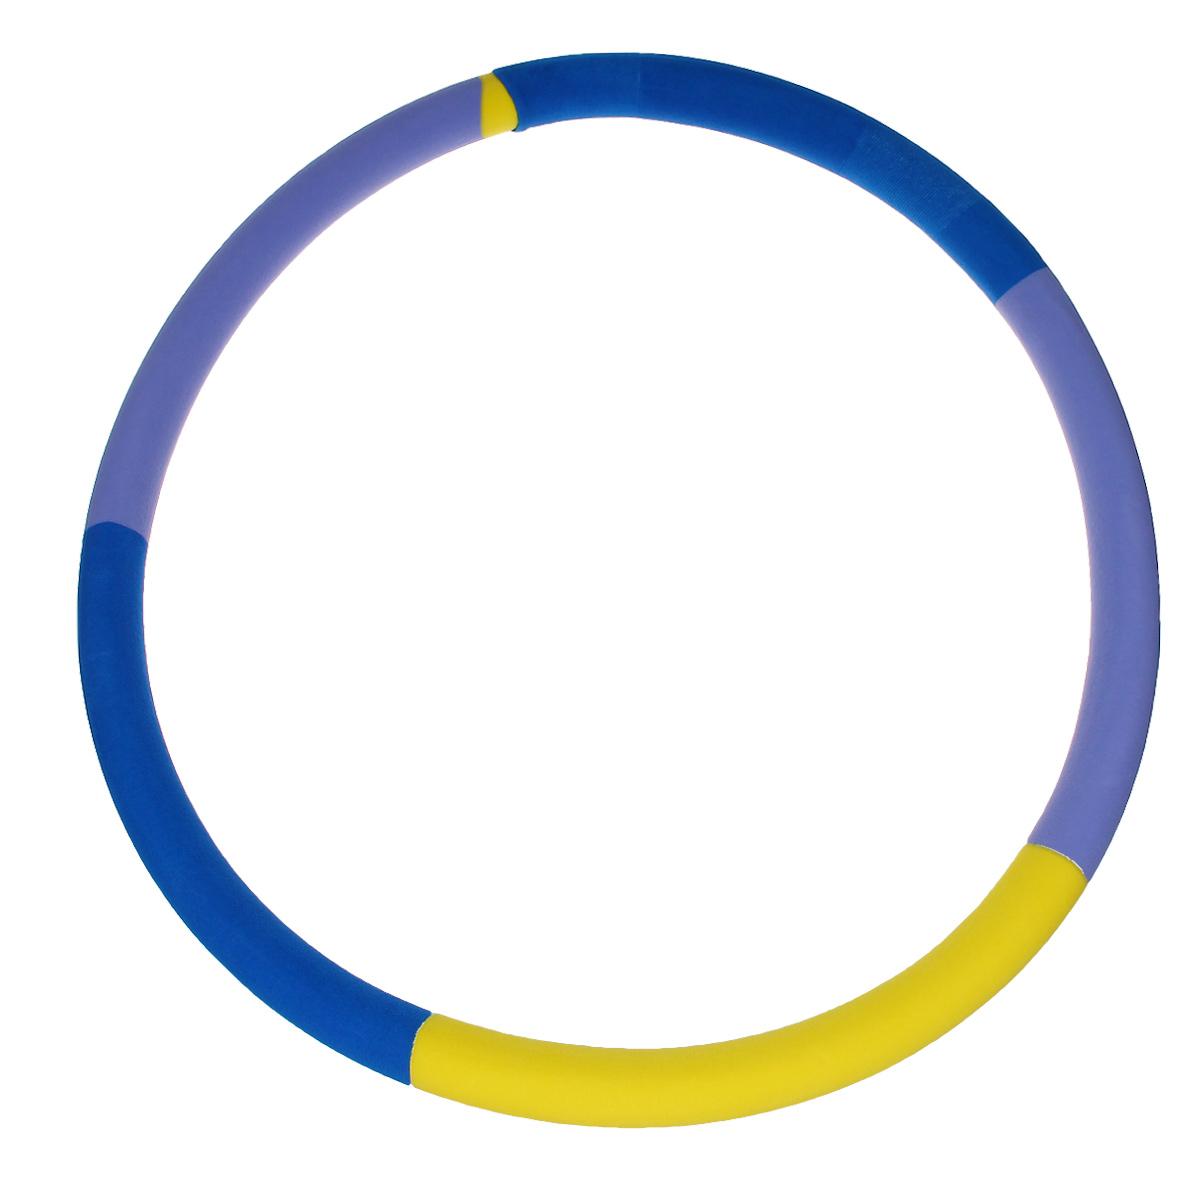 Обруч Спорт-21 Сделай талию, цвет: разноцветный, диаметр 90 см